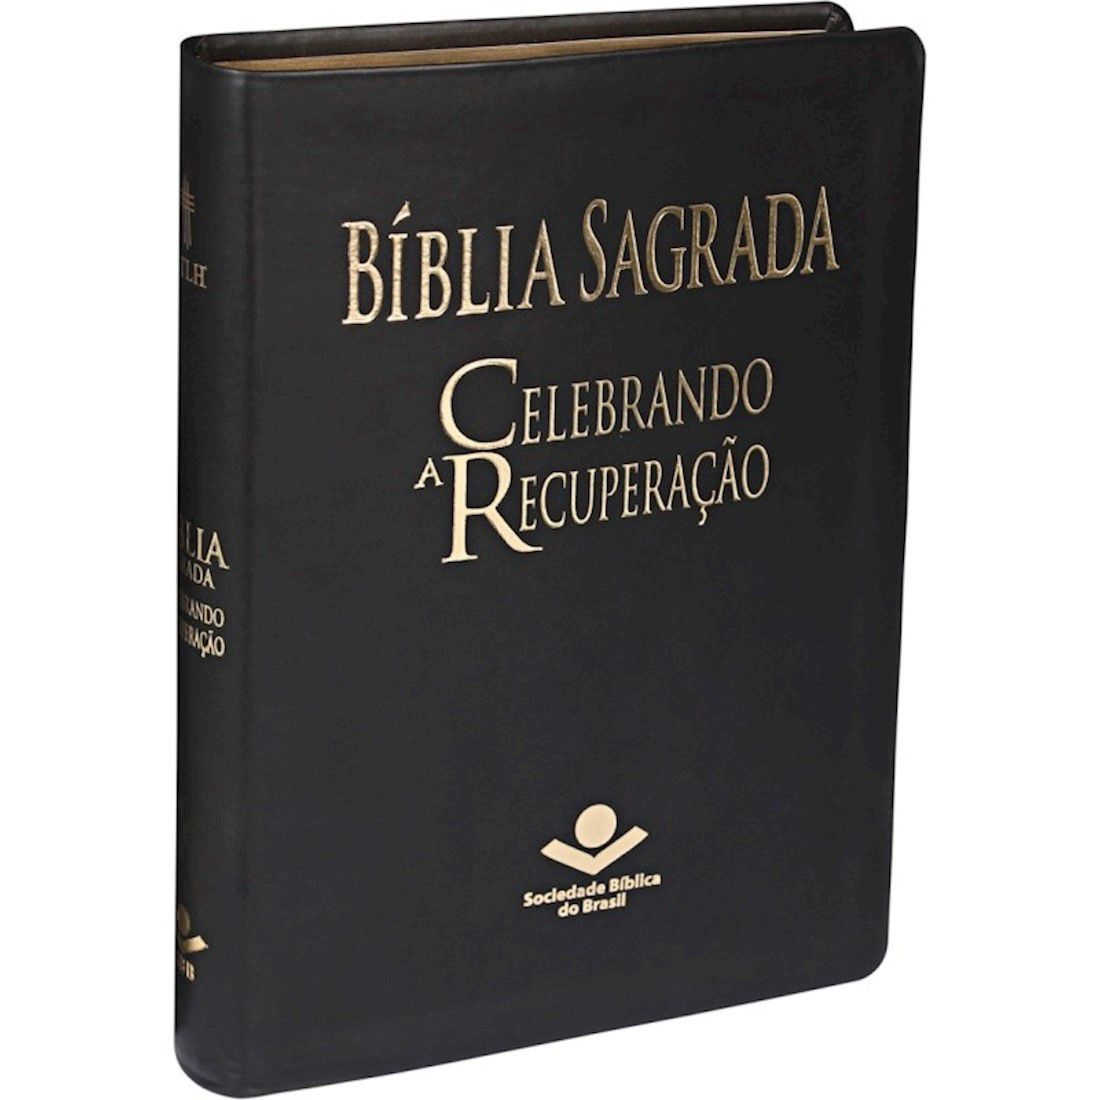 Bíblia Sagrada NTLH Celebrando a Recuperação